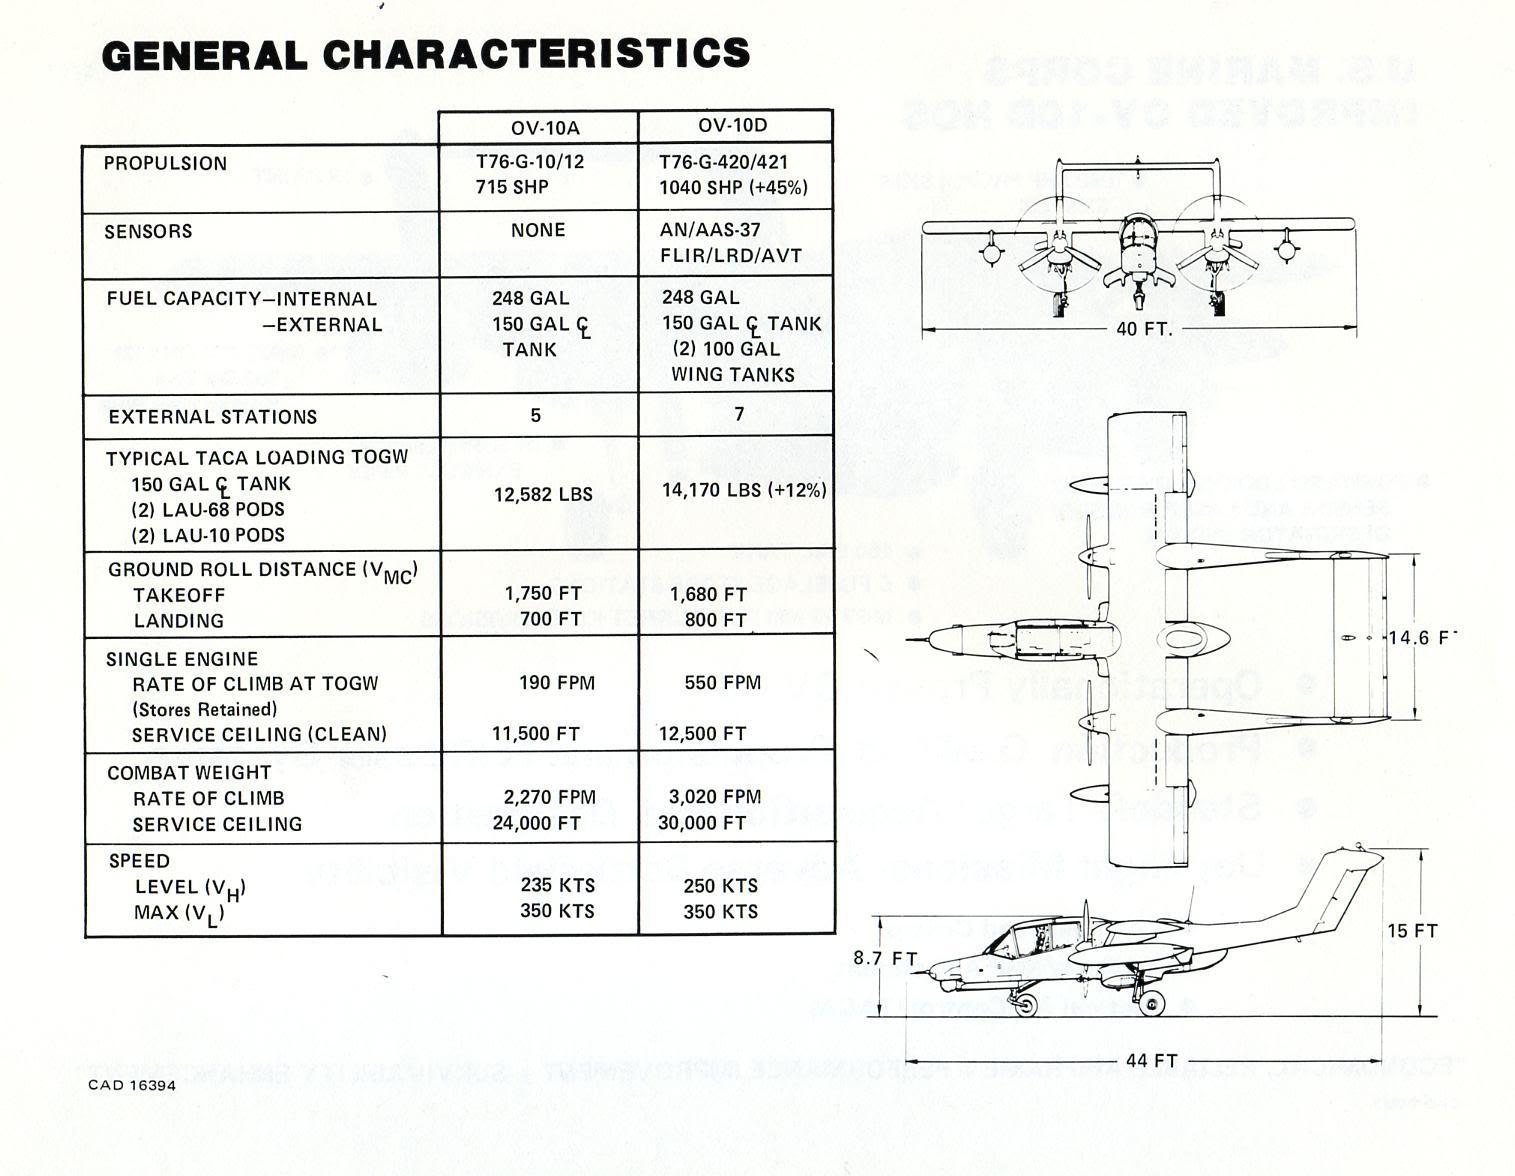 Rockwell OV-10 Bronco OV-10D2